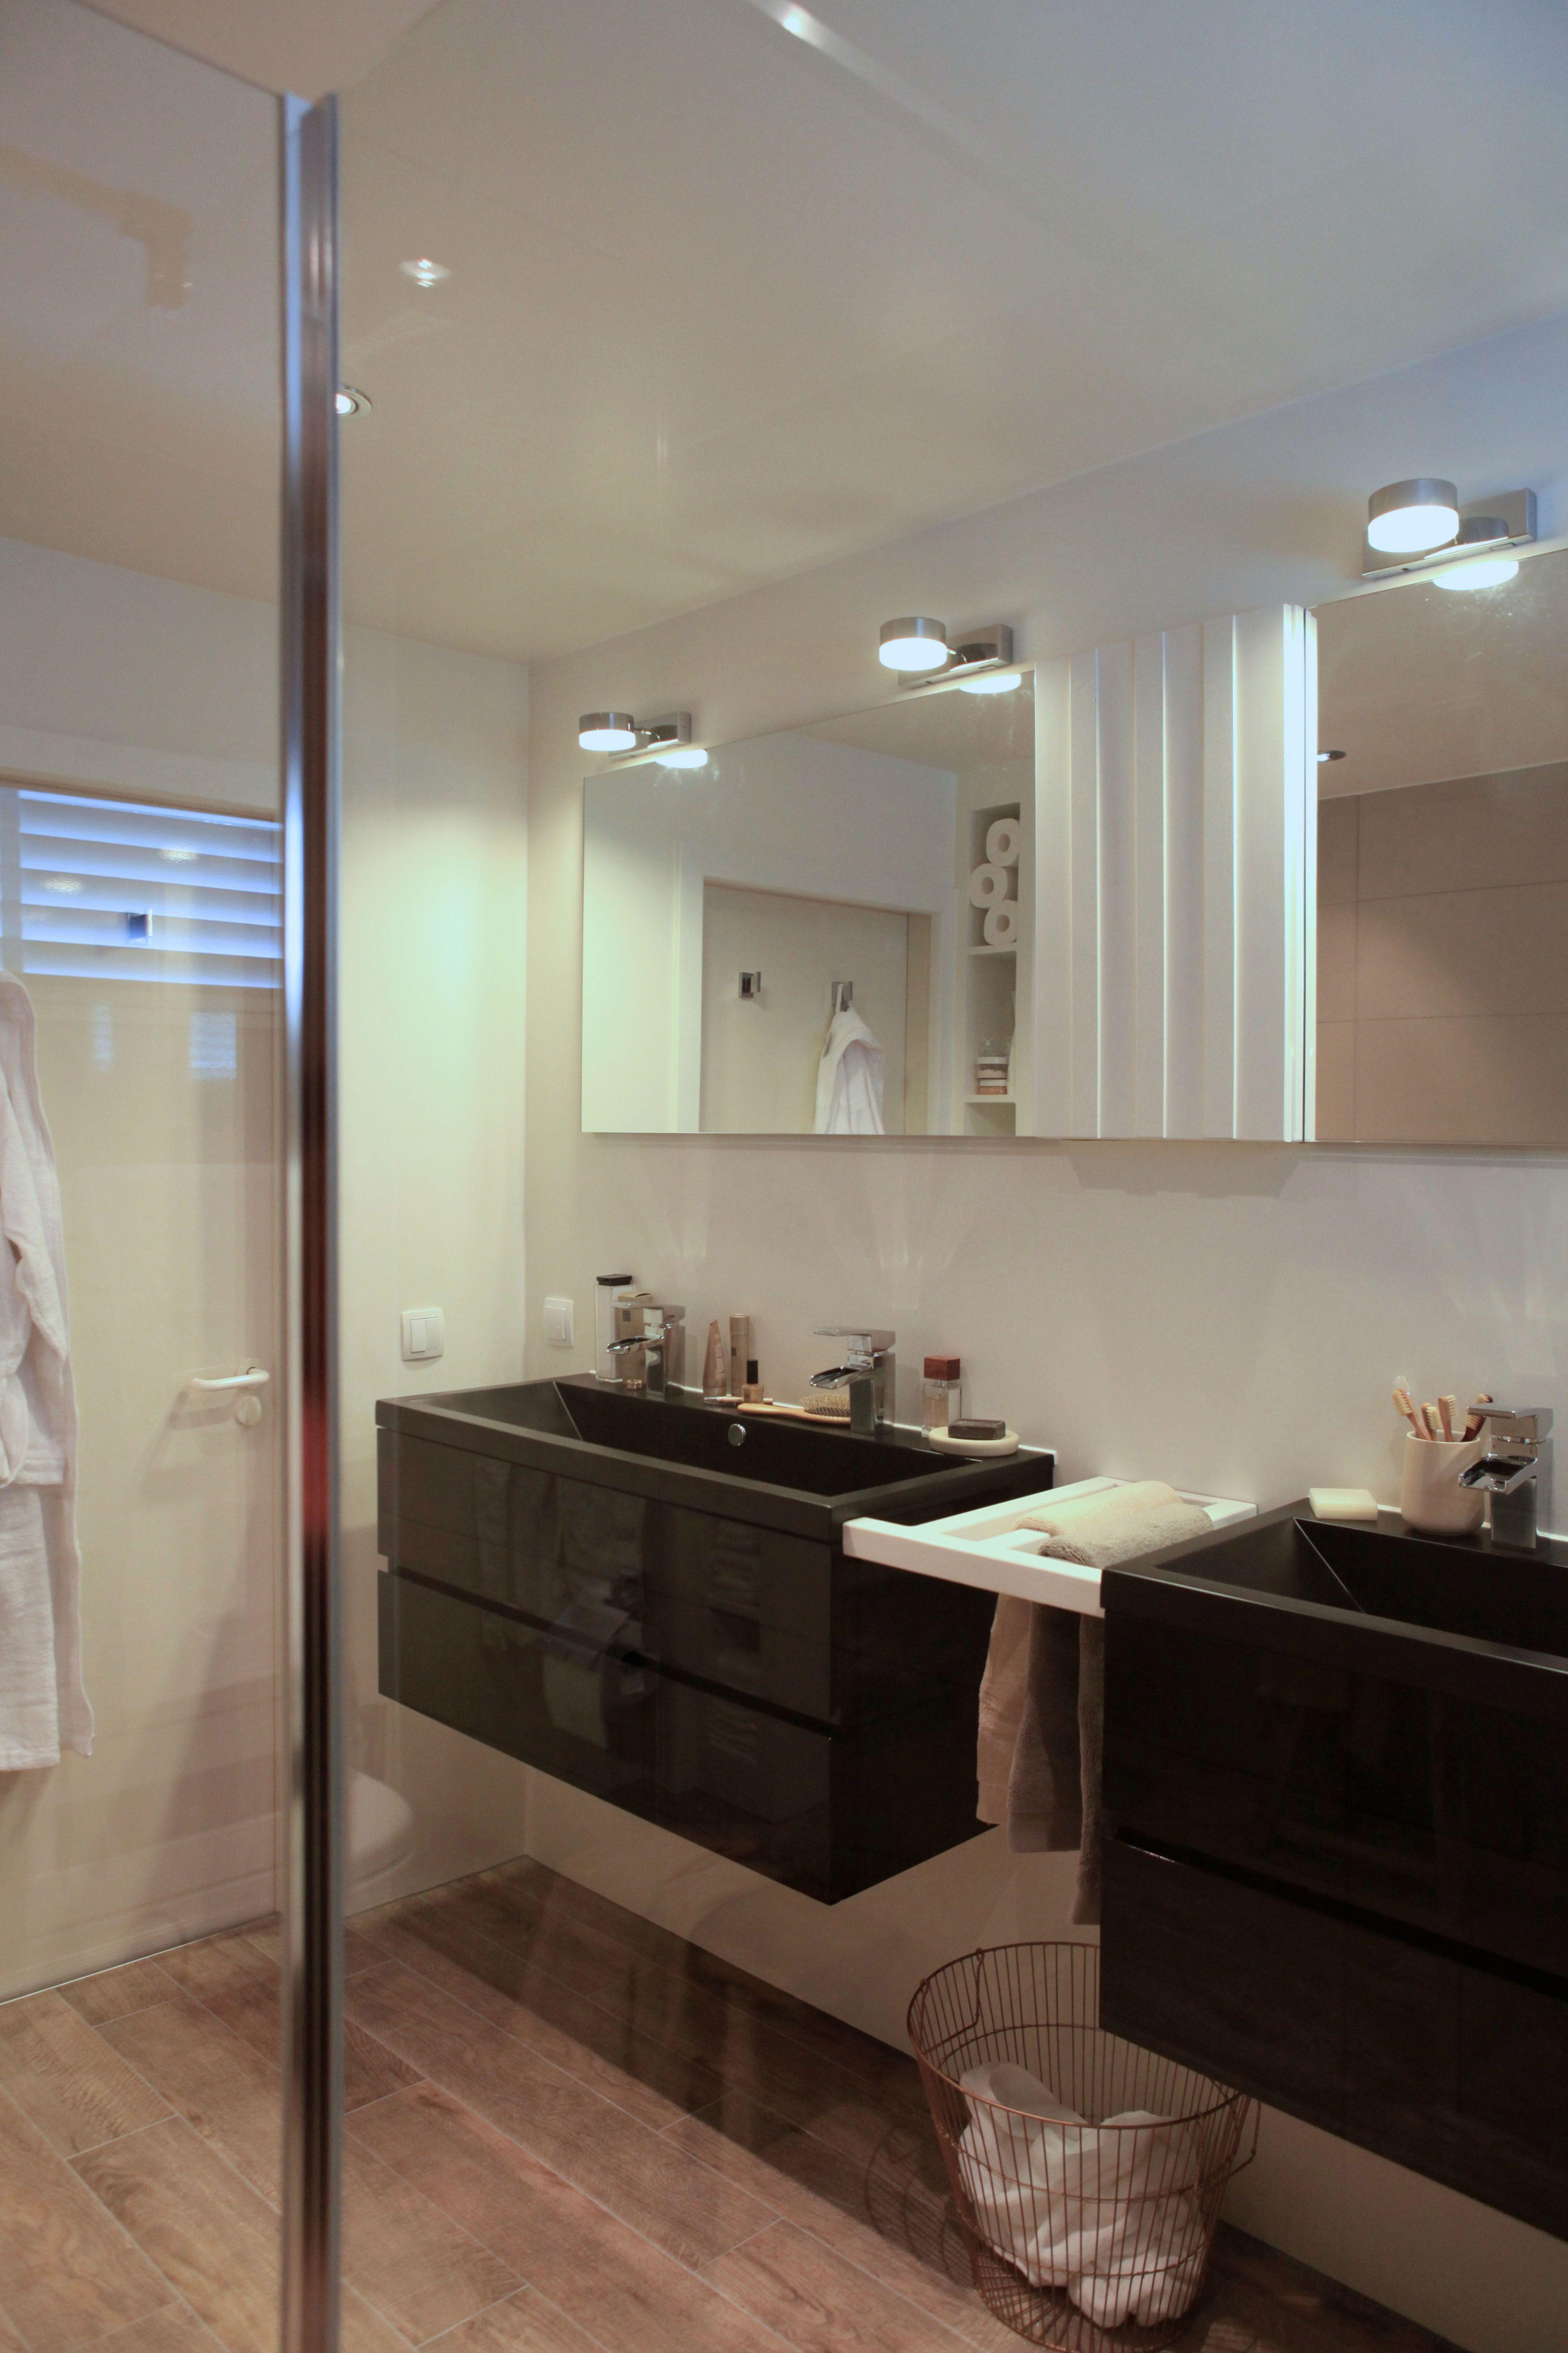 Landelijke badkamer, landelijke stijl, badkamer inspiratie, houtlook ...